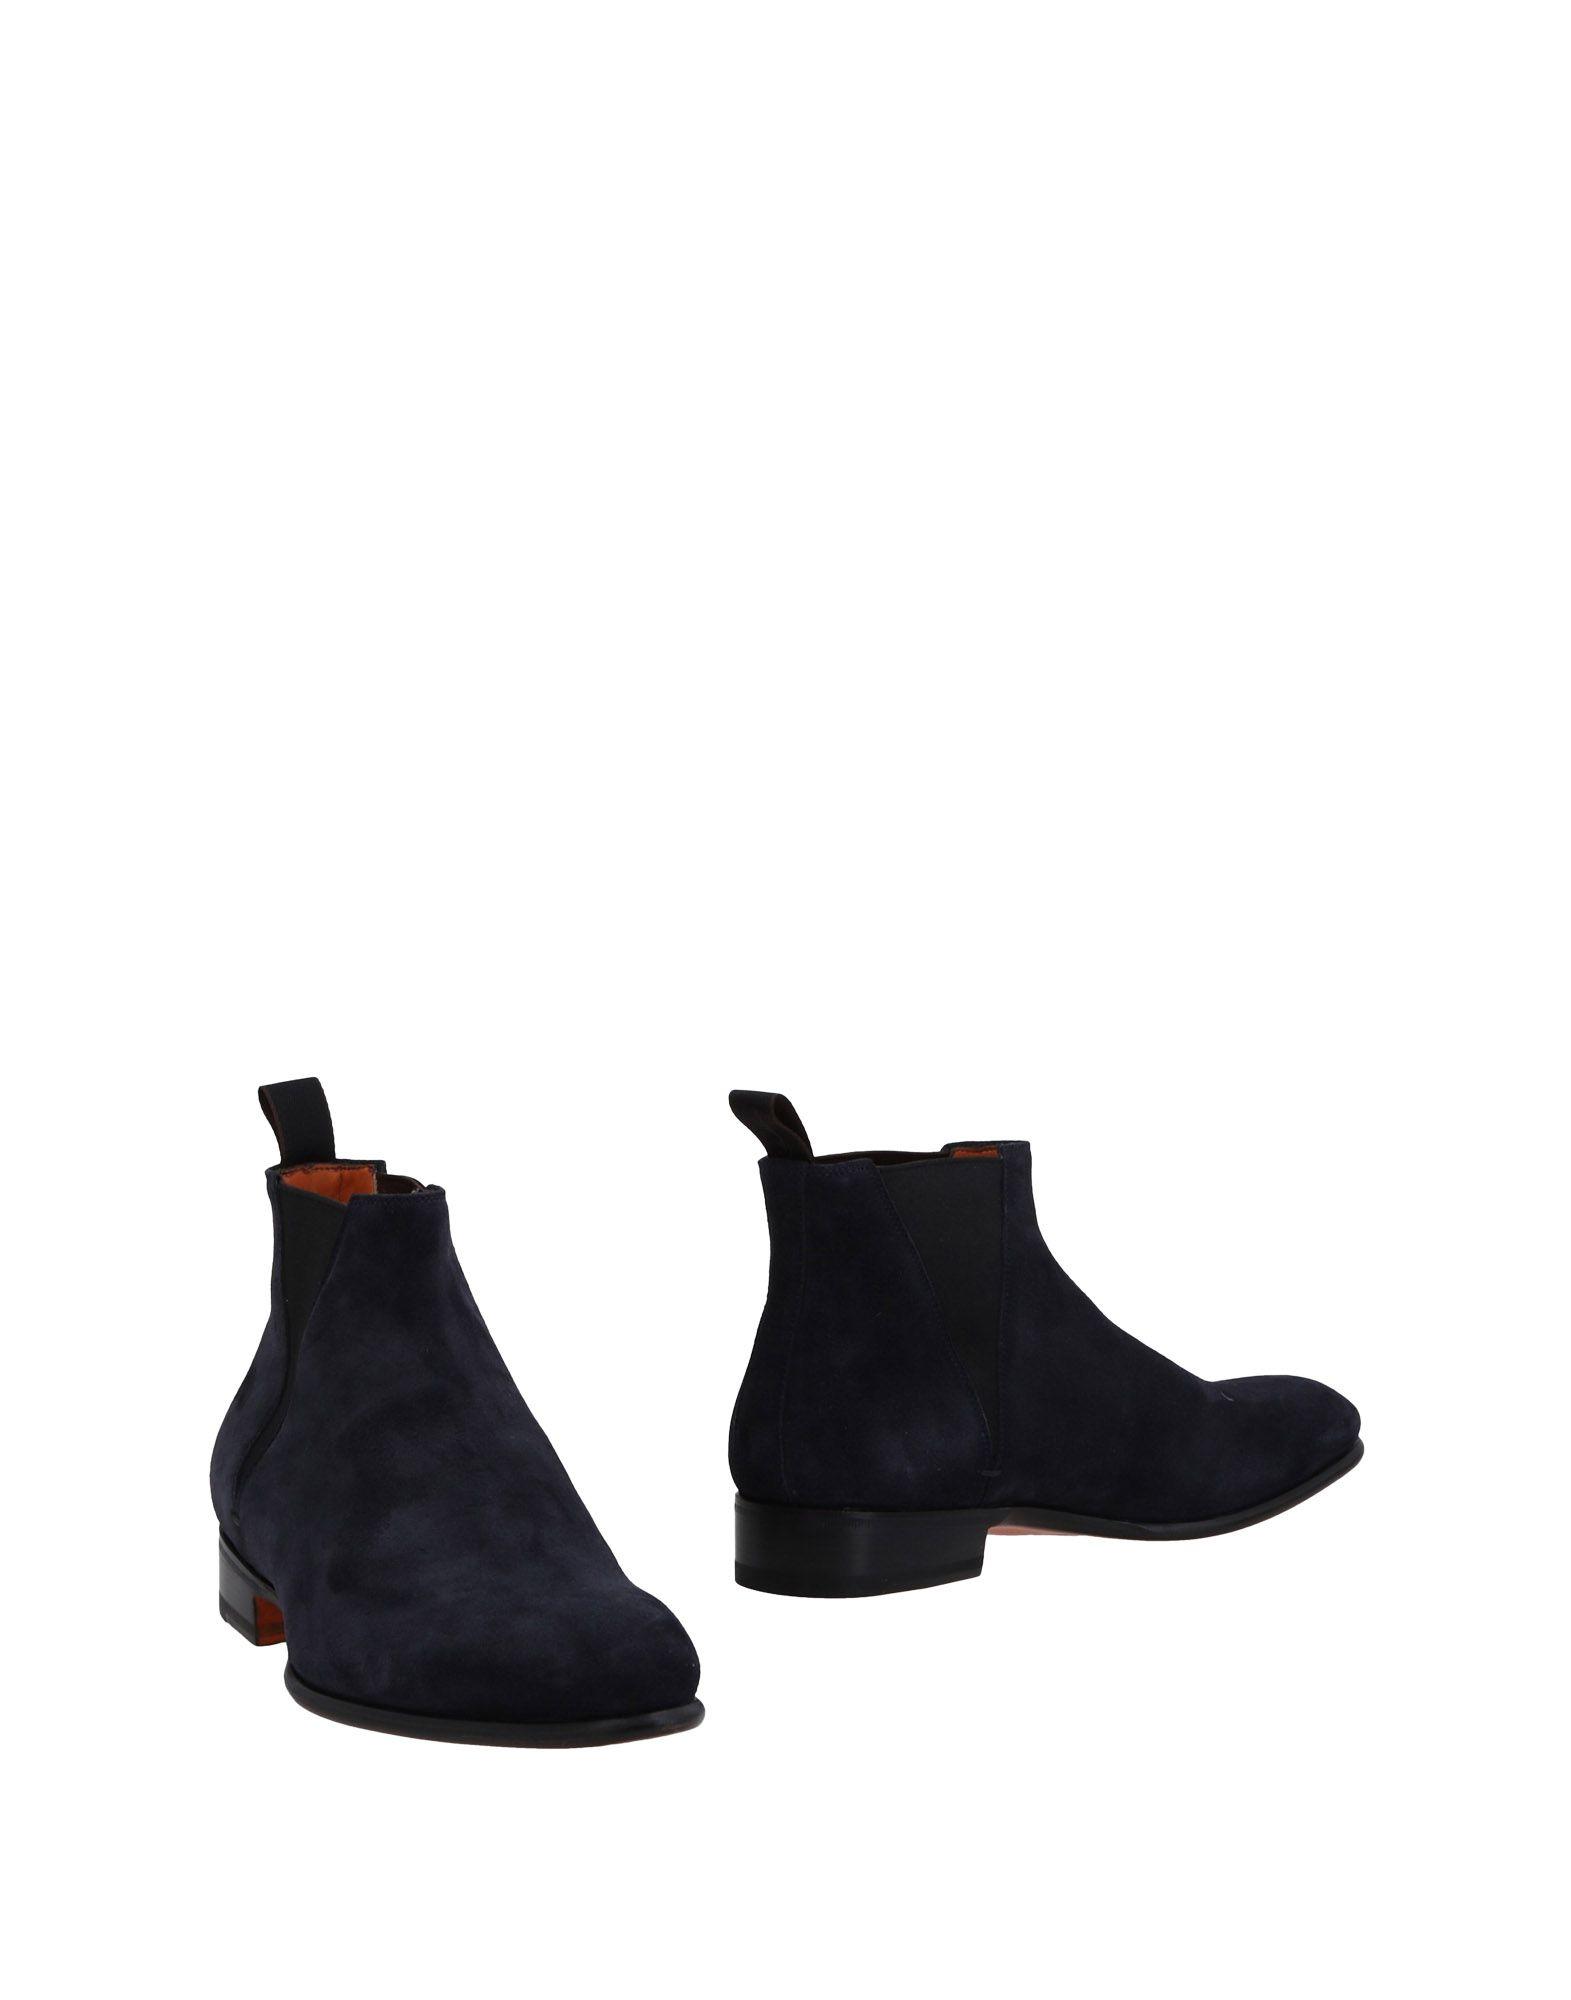 Santoni Stiefelette Herren  11478505GF Gute Qualität beliebte Schuhe